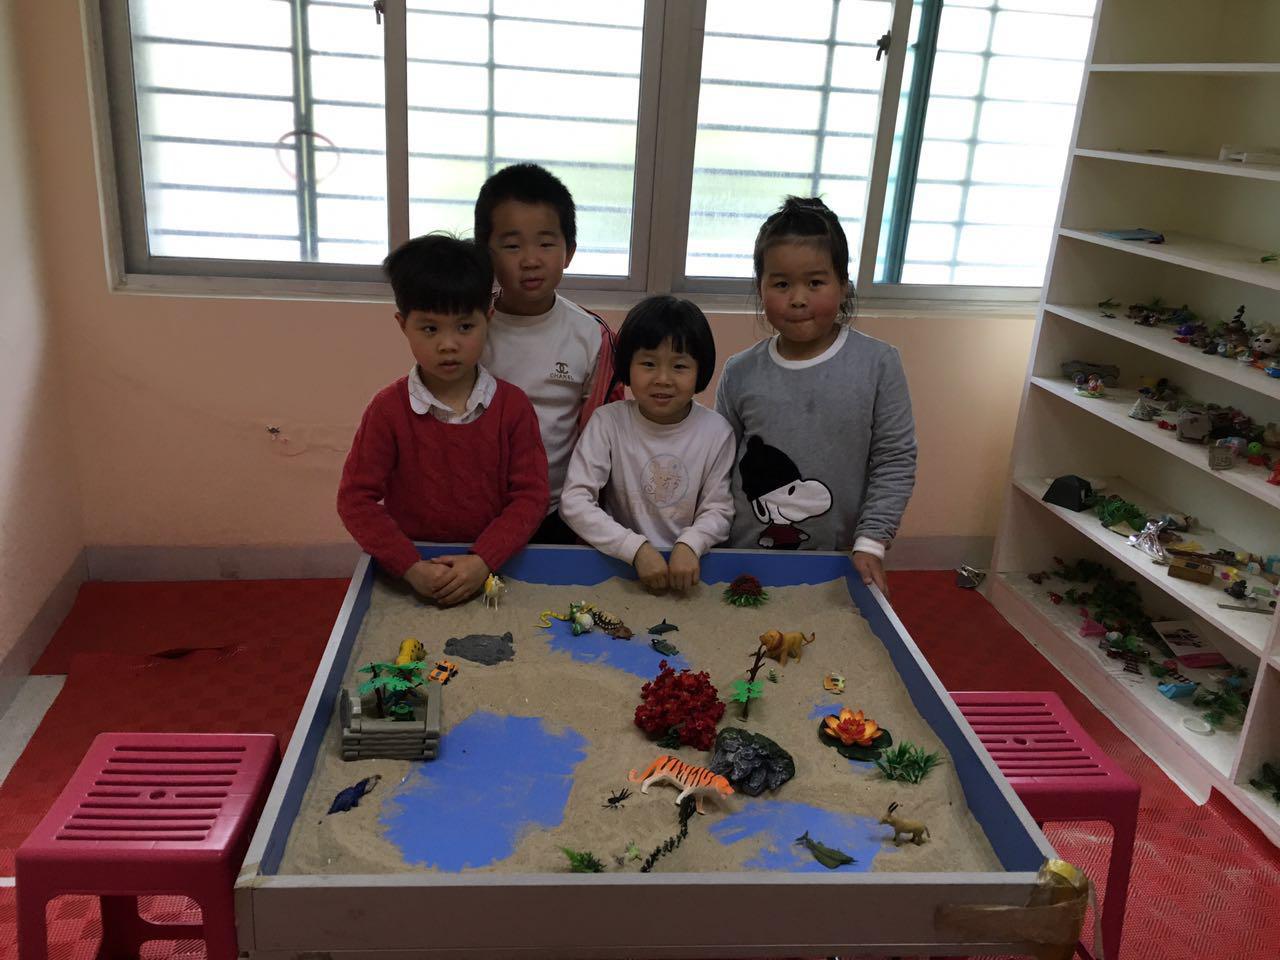 晋江早教师培训分享5点早教经验